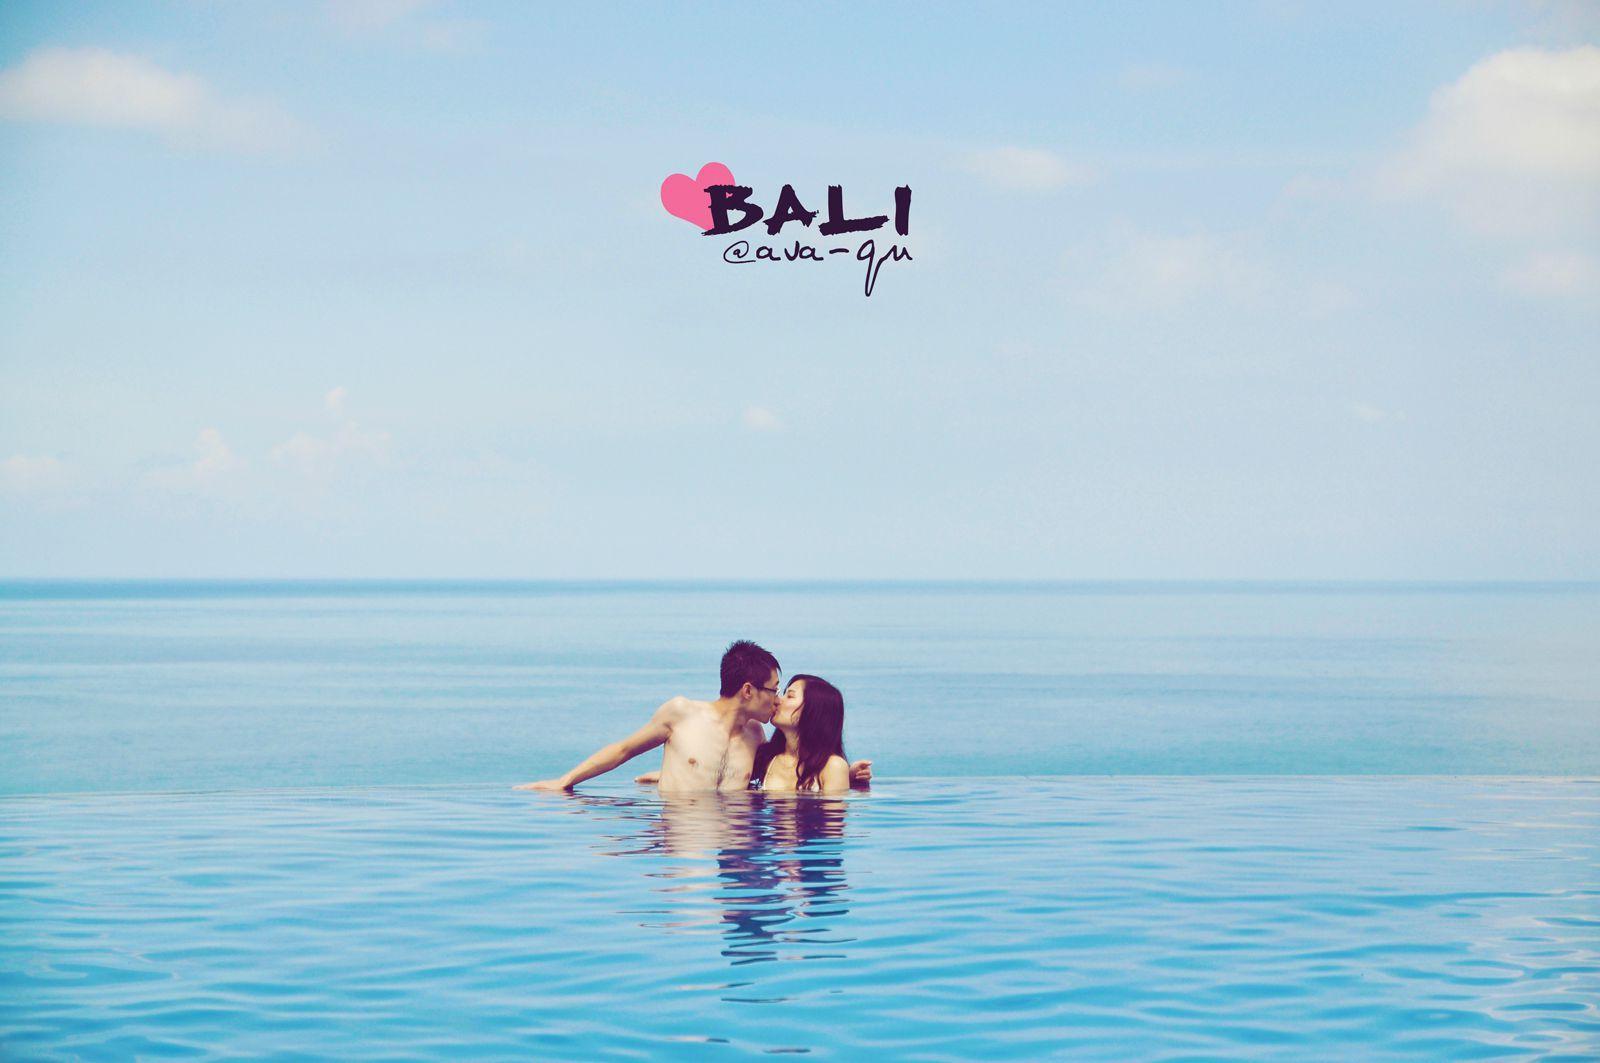 情迷巴厘岛-属于我们的蜜月友爱之旅